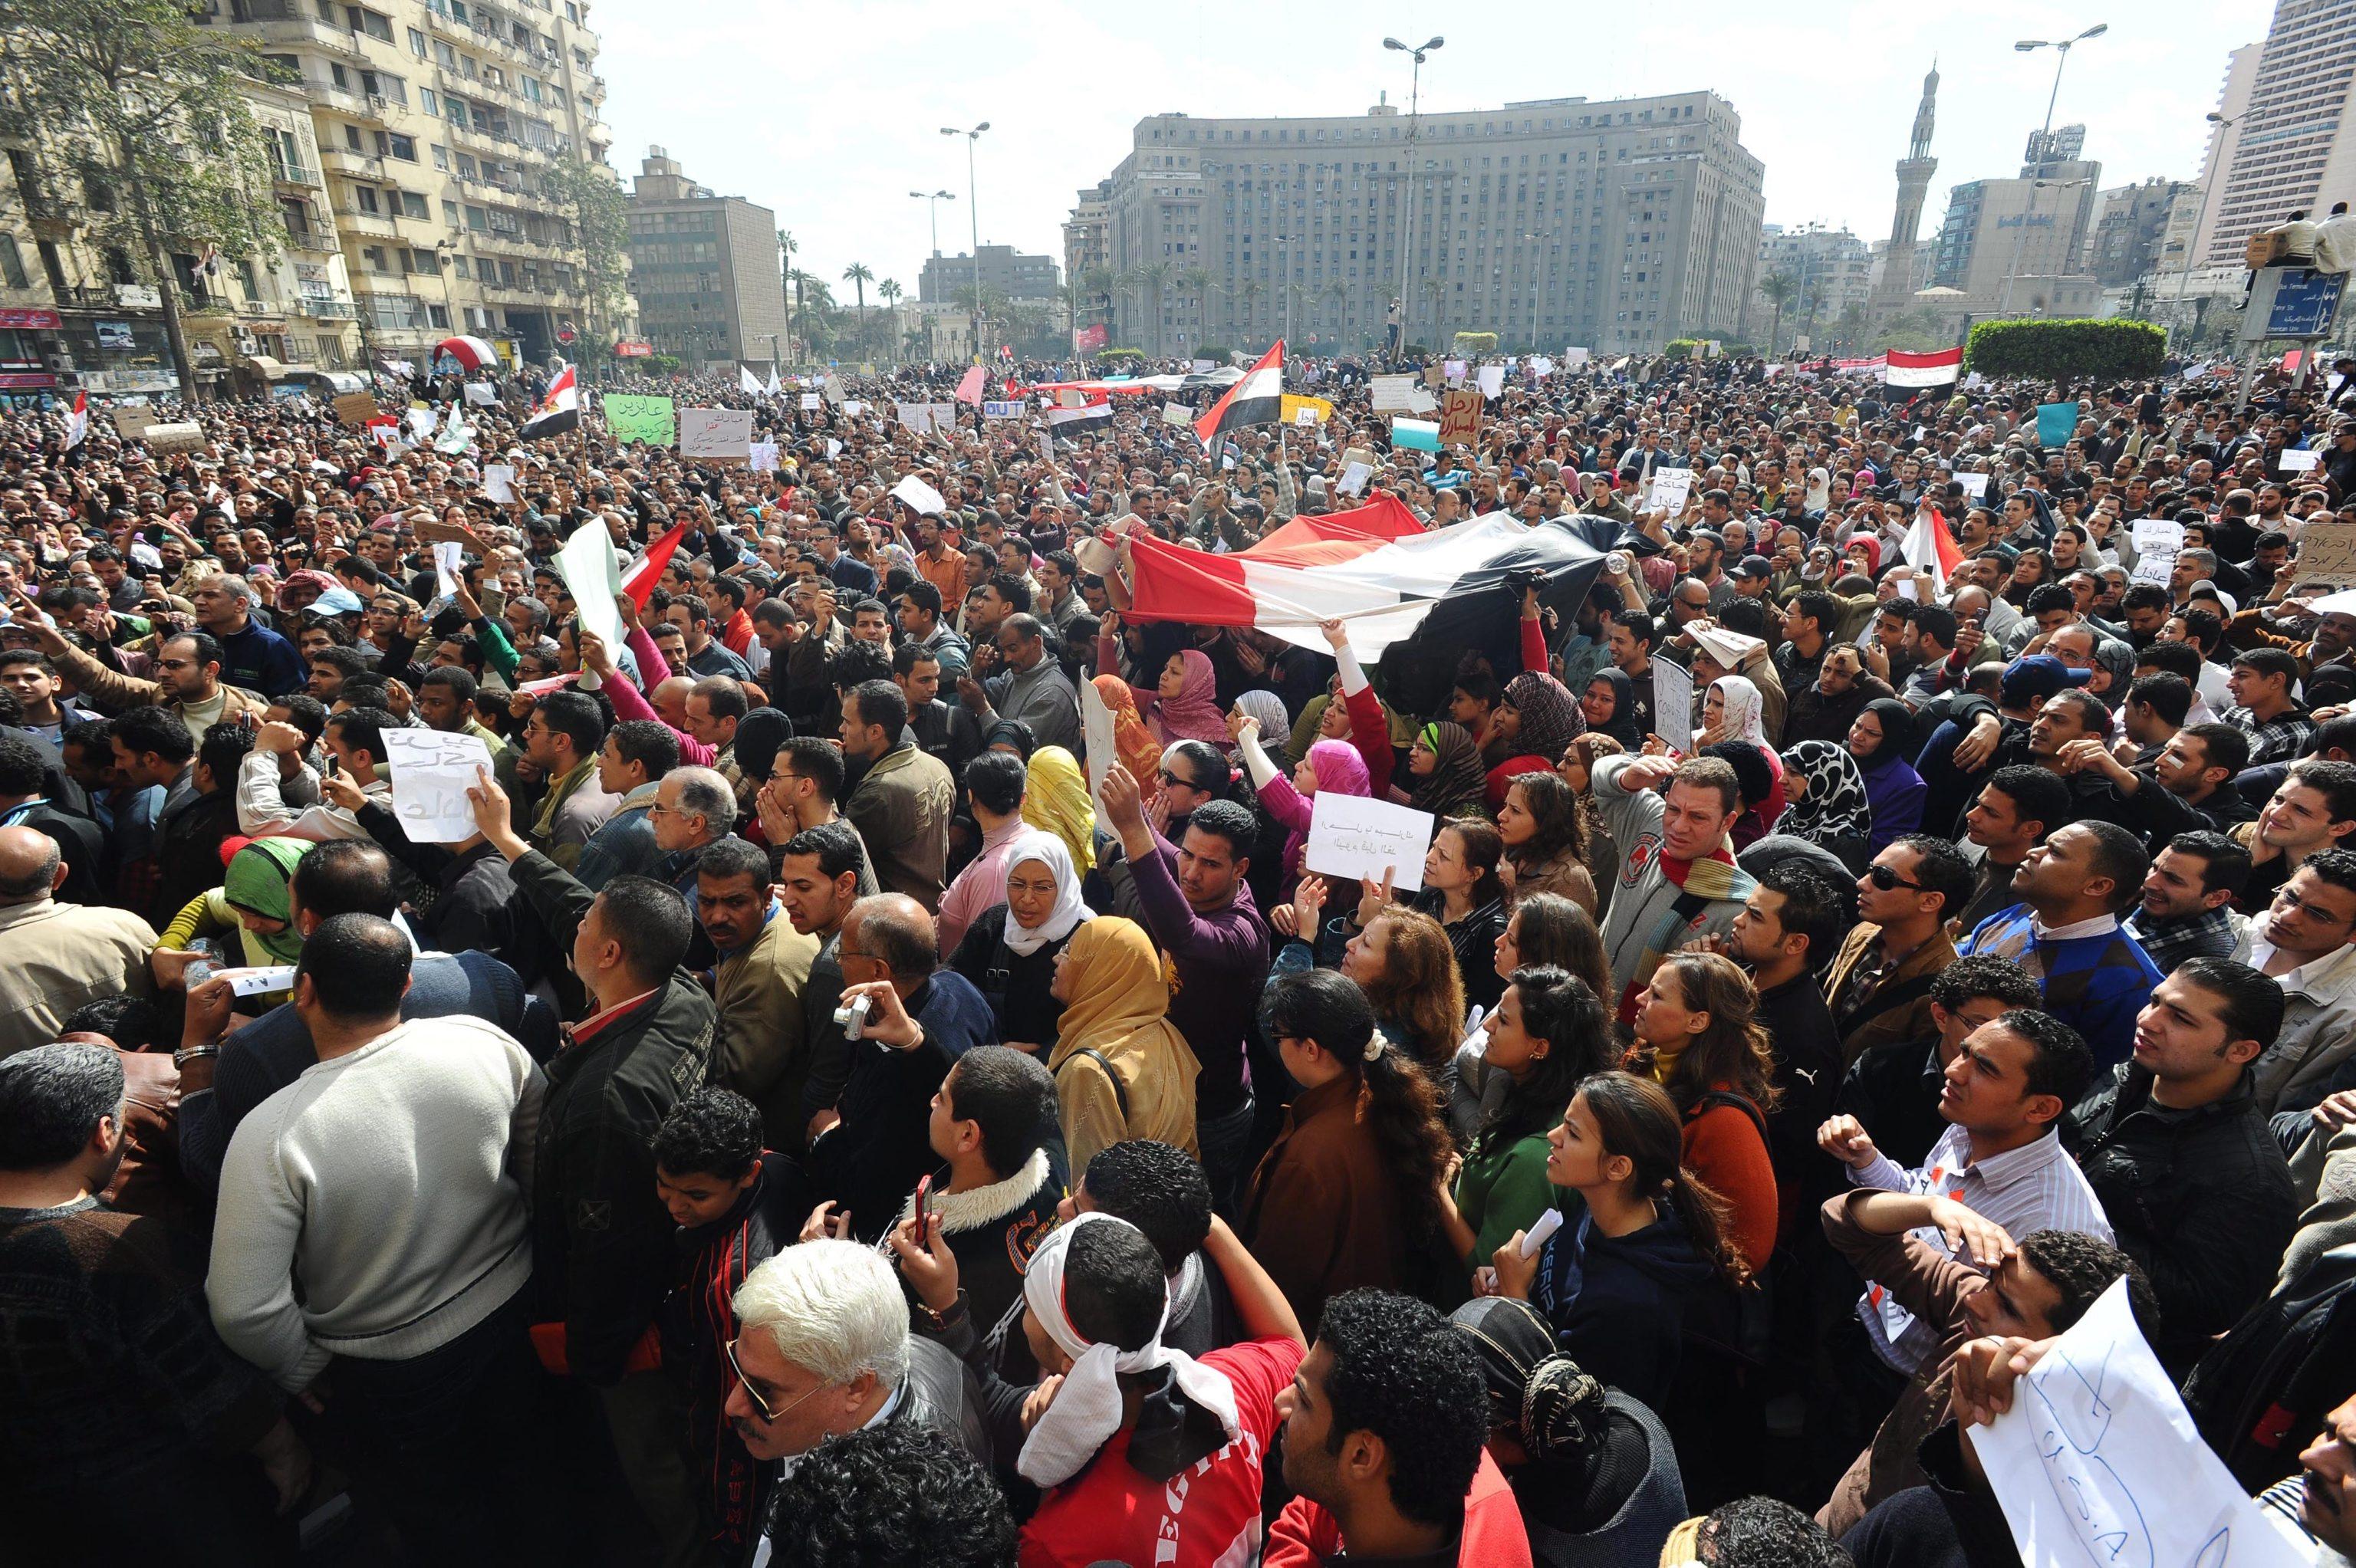 Cinque anni fa l'omicidio di Giulio Regeni. Oggi l'Europa prova ad alzare la voce contro l'Egitto, senza decidere nulla